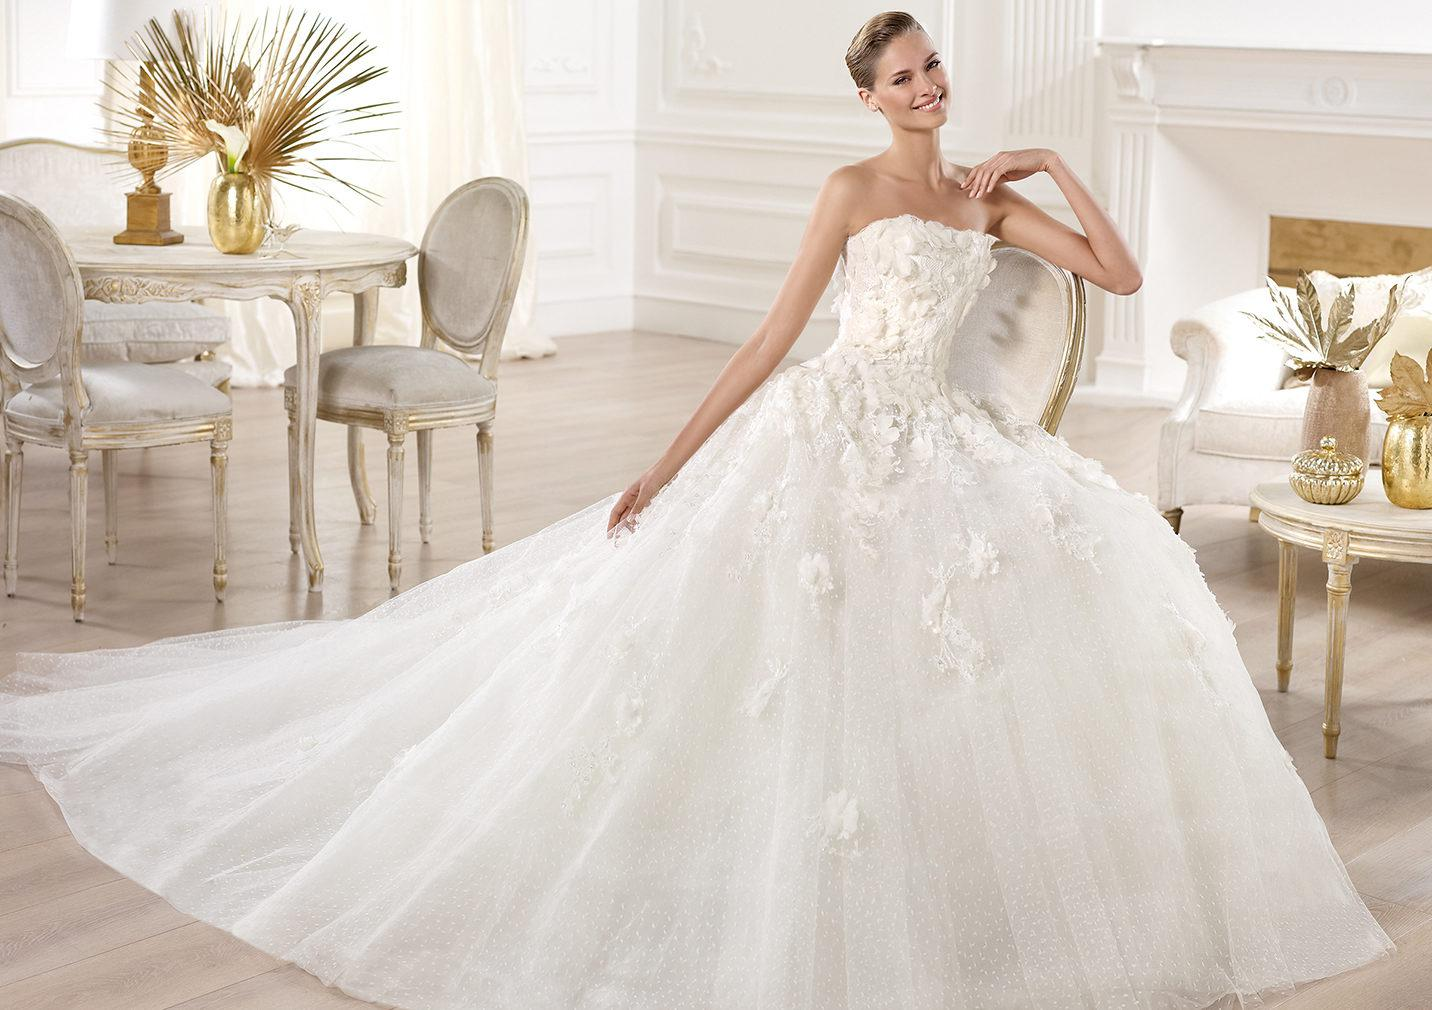 Elie saab wedding dresses lace